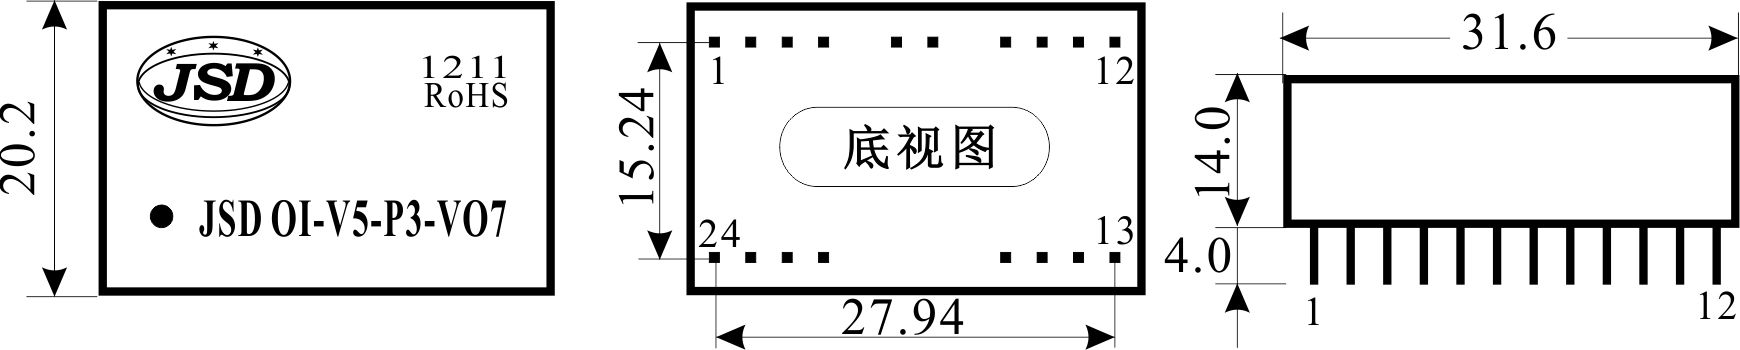 捷晟达科技推出高精度高频率隔离变送器,放大器,及模拟信号采集产品 高频率(50KHz)正负双向电压信号隔离放大器模块IC 特征:  低成本、小体积、标准DIP24脚封装  阻然封装,符合UL94-V0阻燃标准  信号输入、信号输出、工作电源间2500VDC 隔离  正负双极性输入与输出  使用简单,固定增益放大  高频响(50KHz信号带宽)  工业级温度范围: -25~+85   精度等级:0.